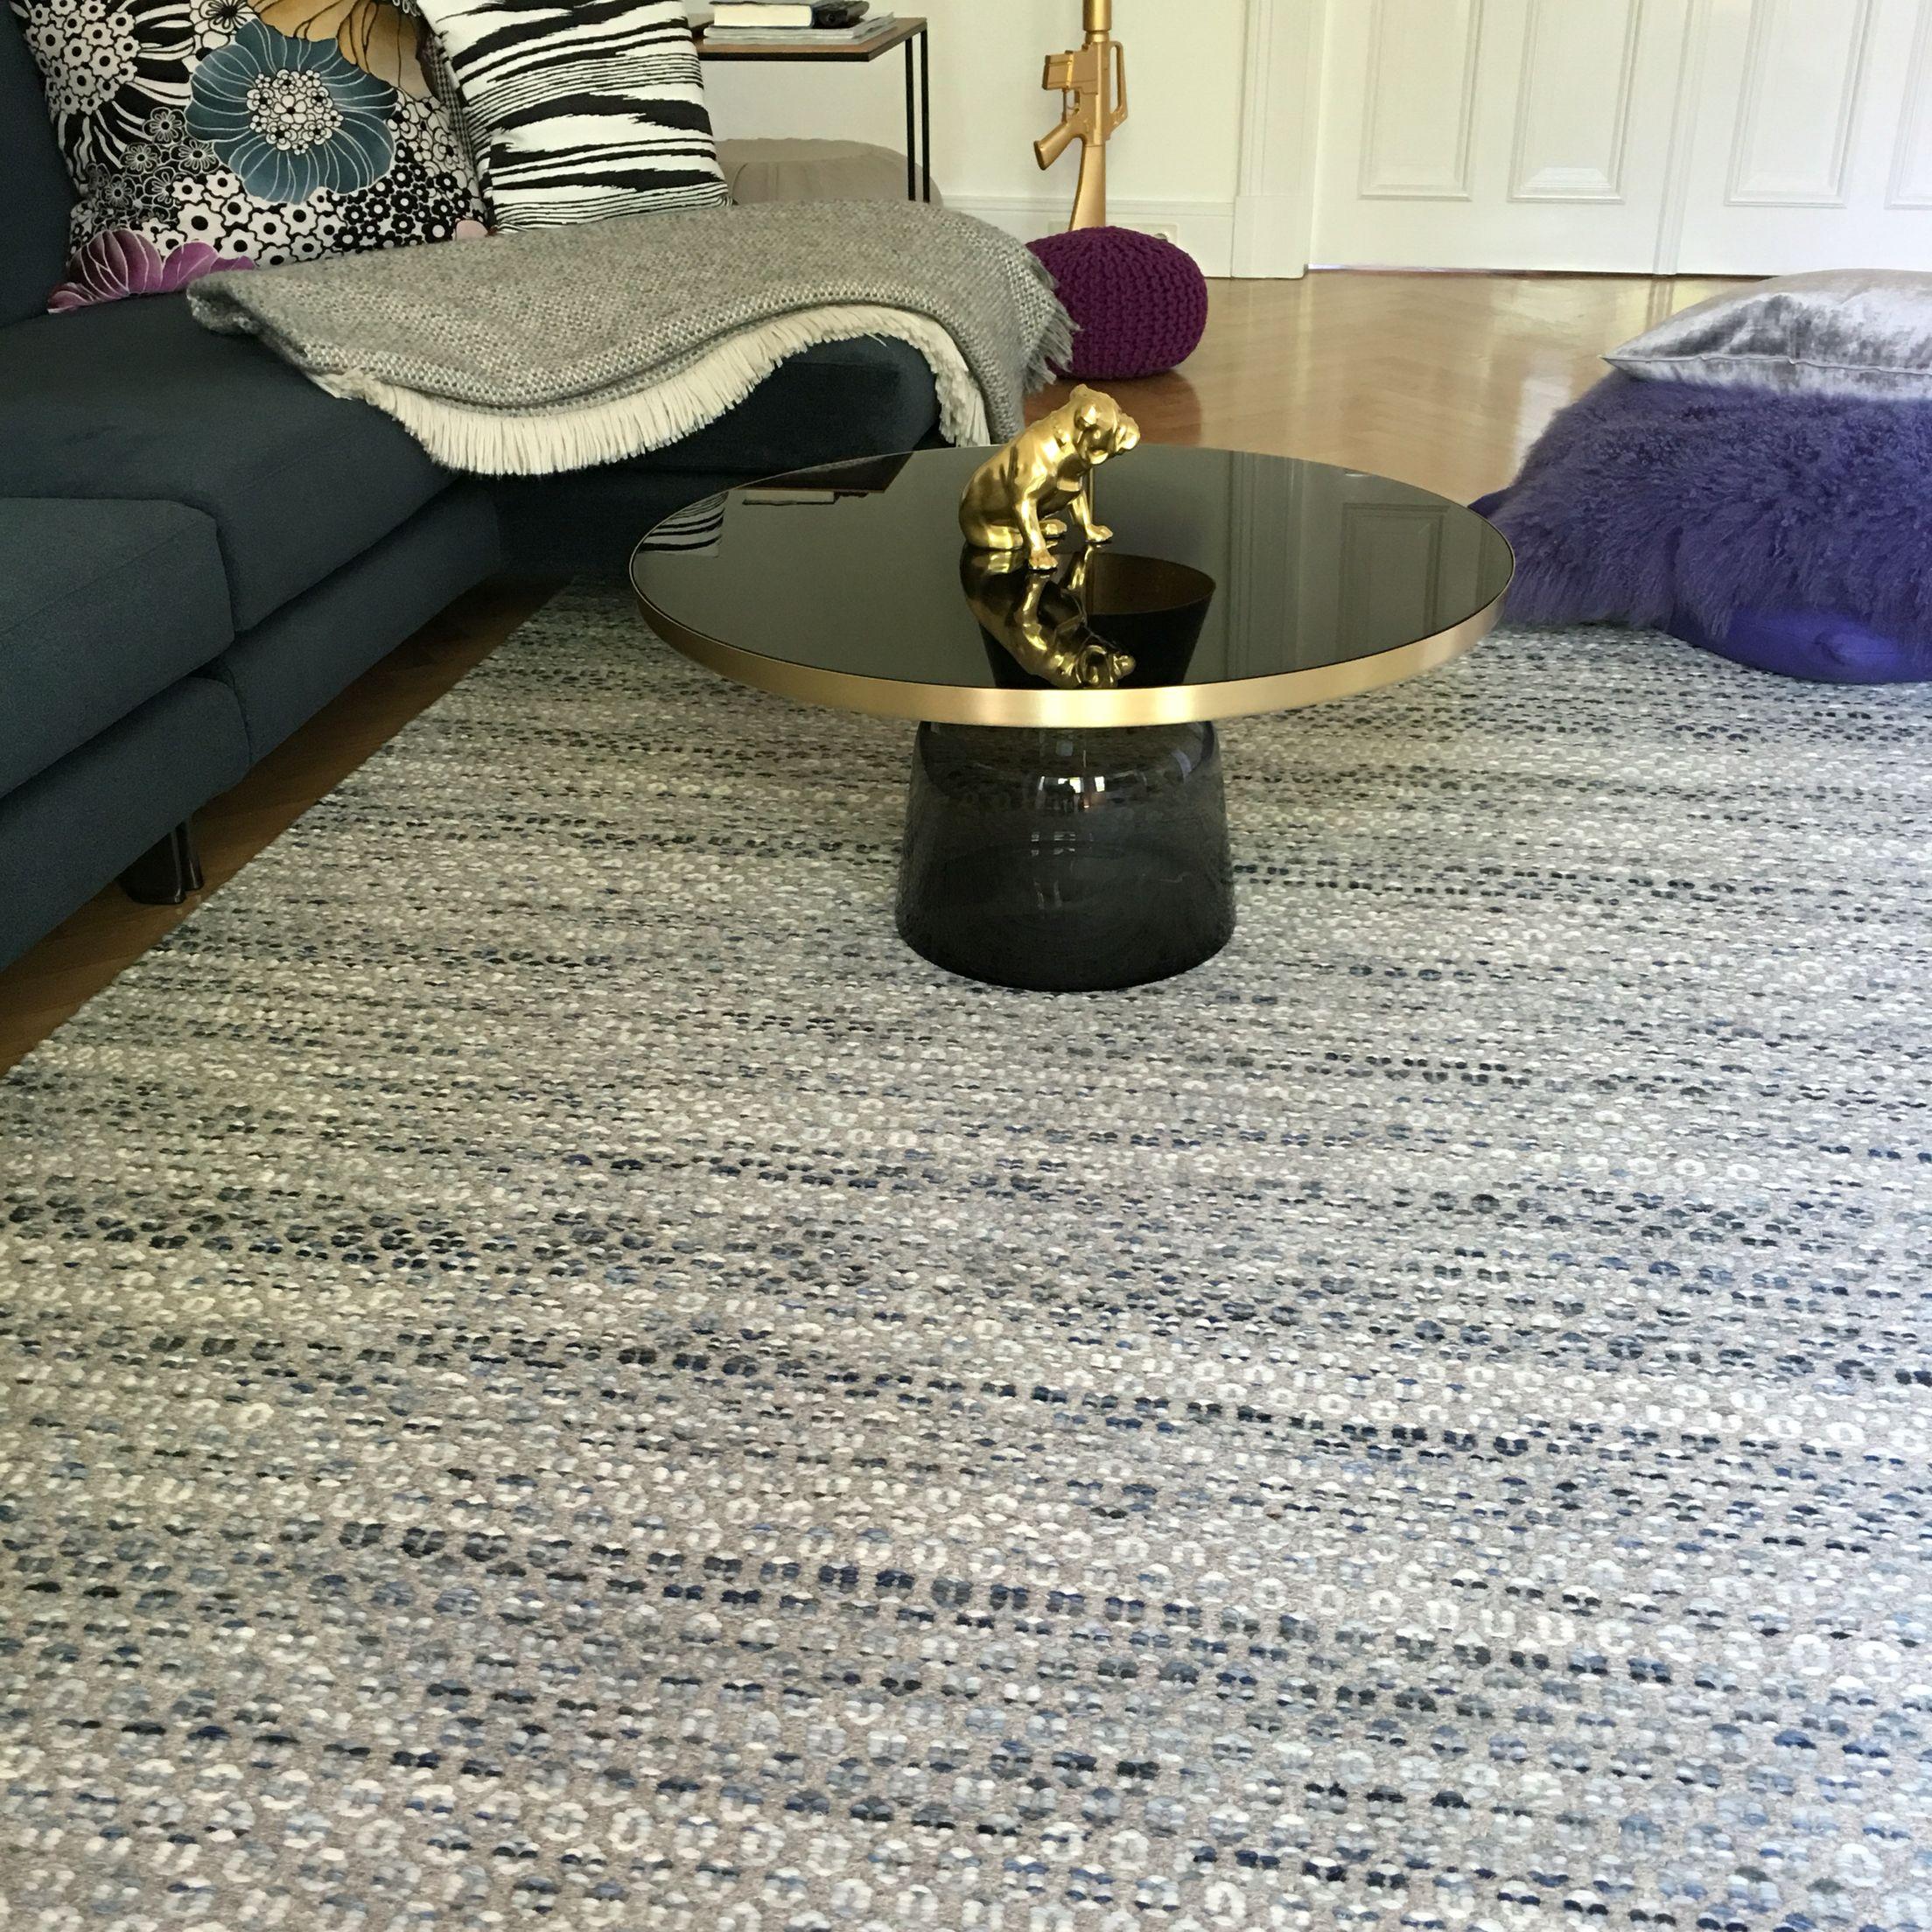 New Carpet Minotti Sofa Classicon Table Misson Pillows New Carpet Carpet Minotti Sofa